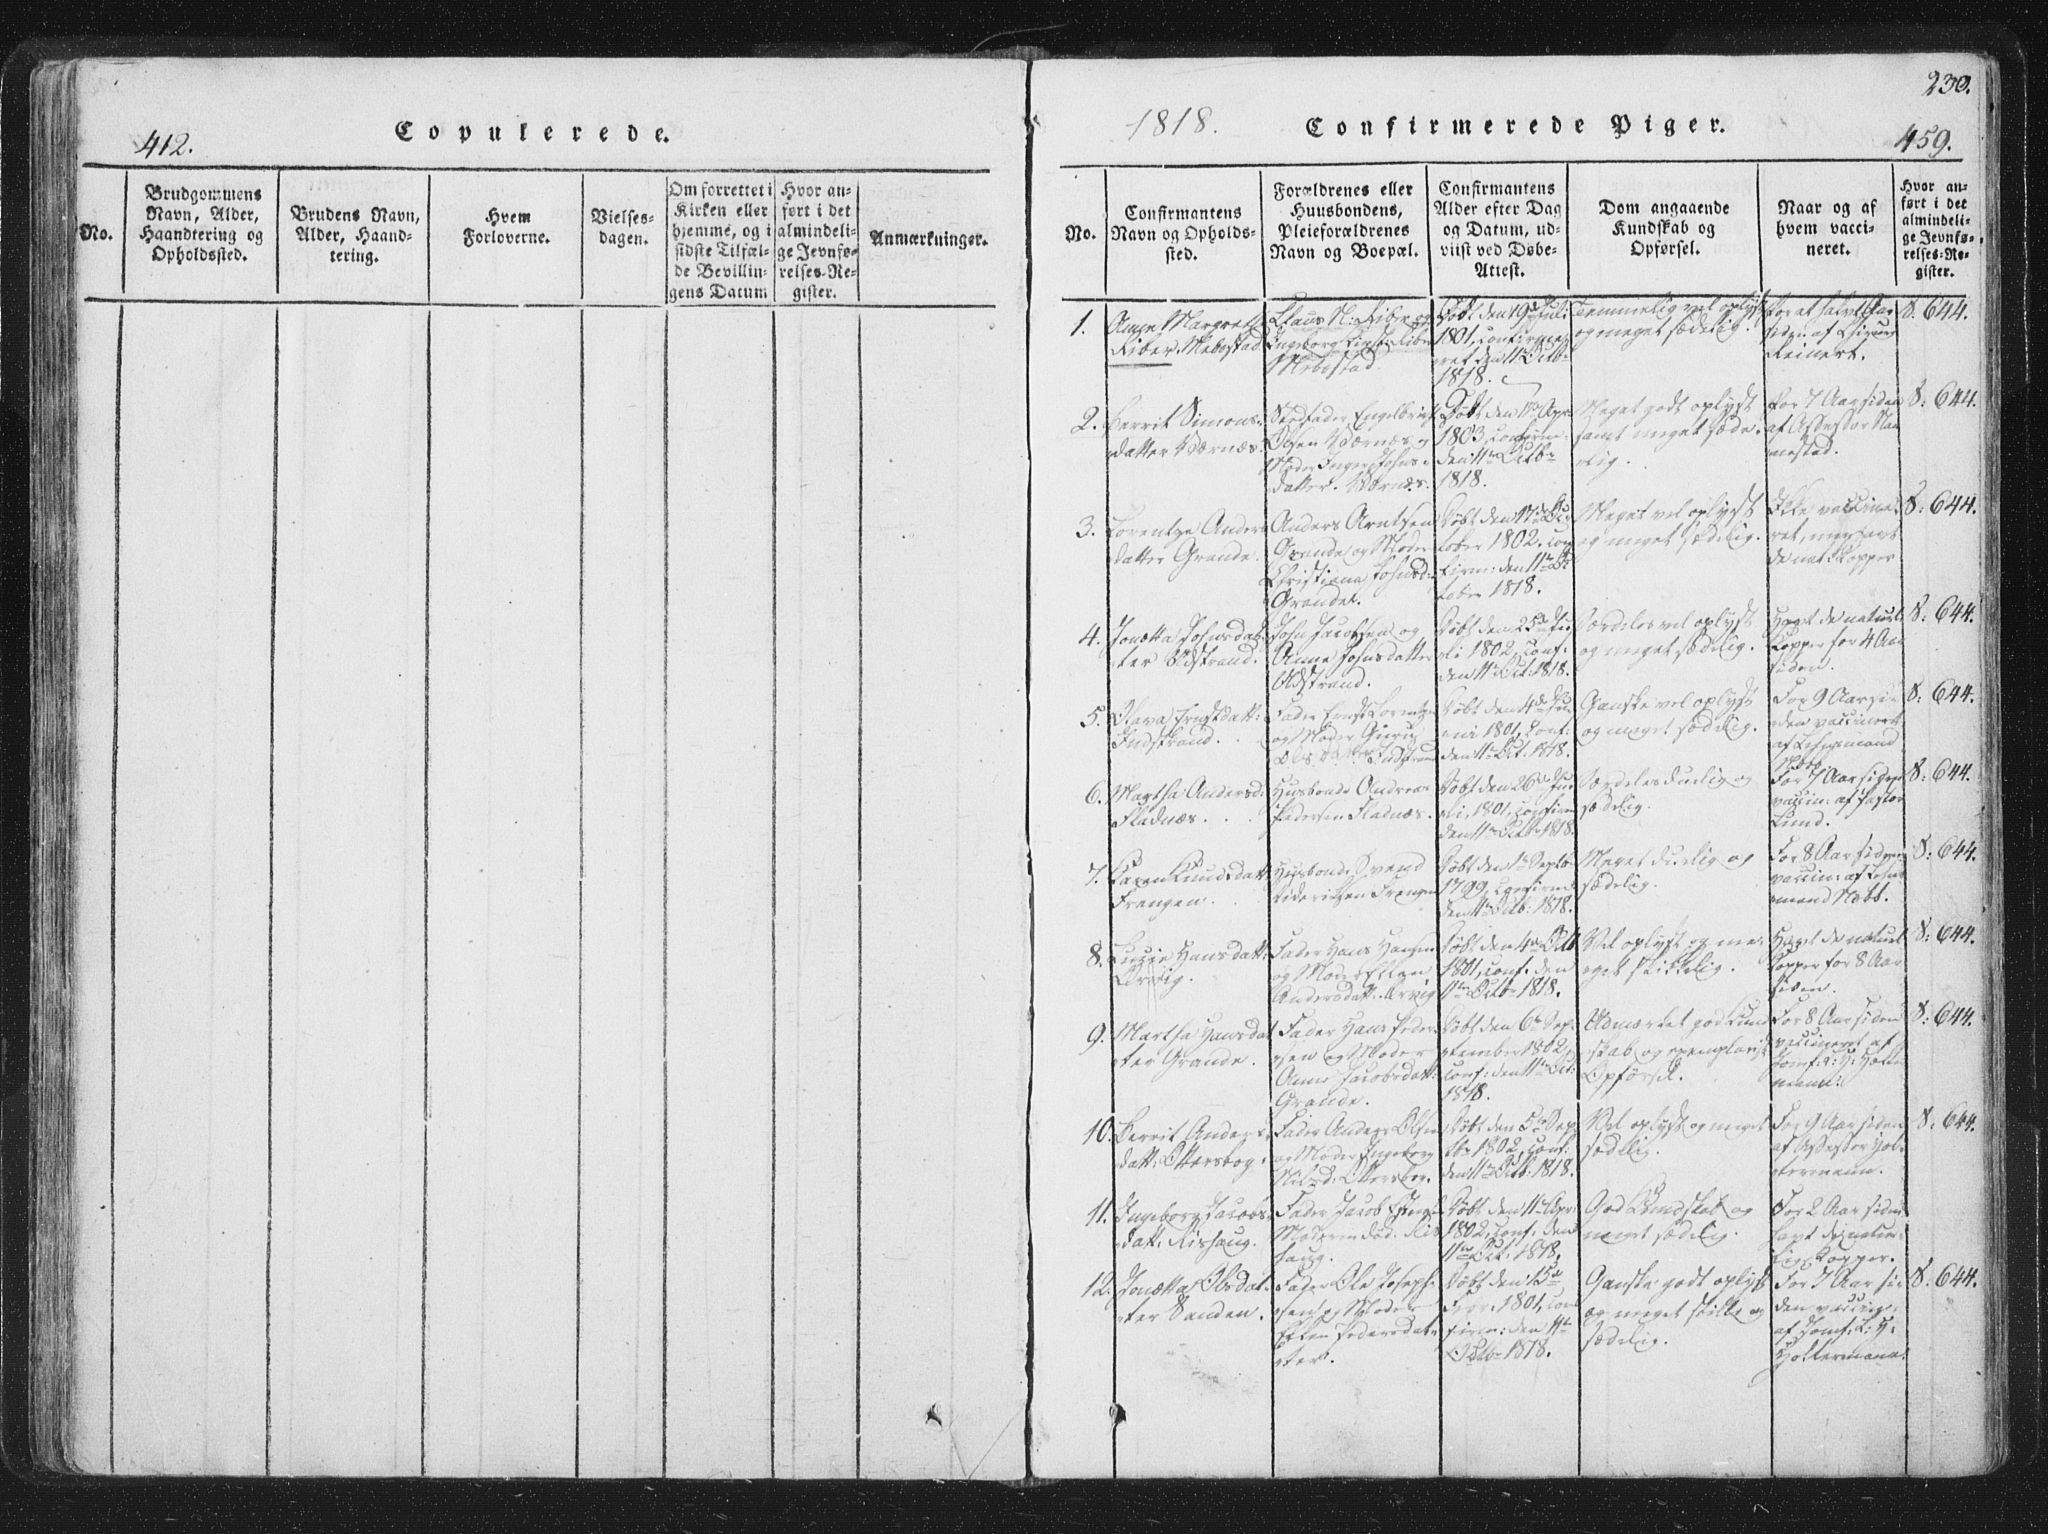 SAT, Ministerialprotokoller, klokkerbøker og fødselsregistre - Sør-Trøndelag, 659/L0734: Ministerialbok nr. 659A04, 1818-1825, s. 412-459